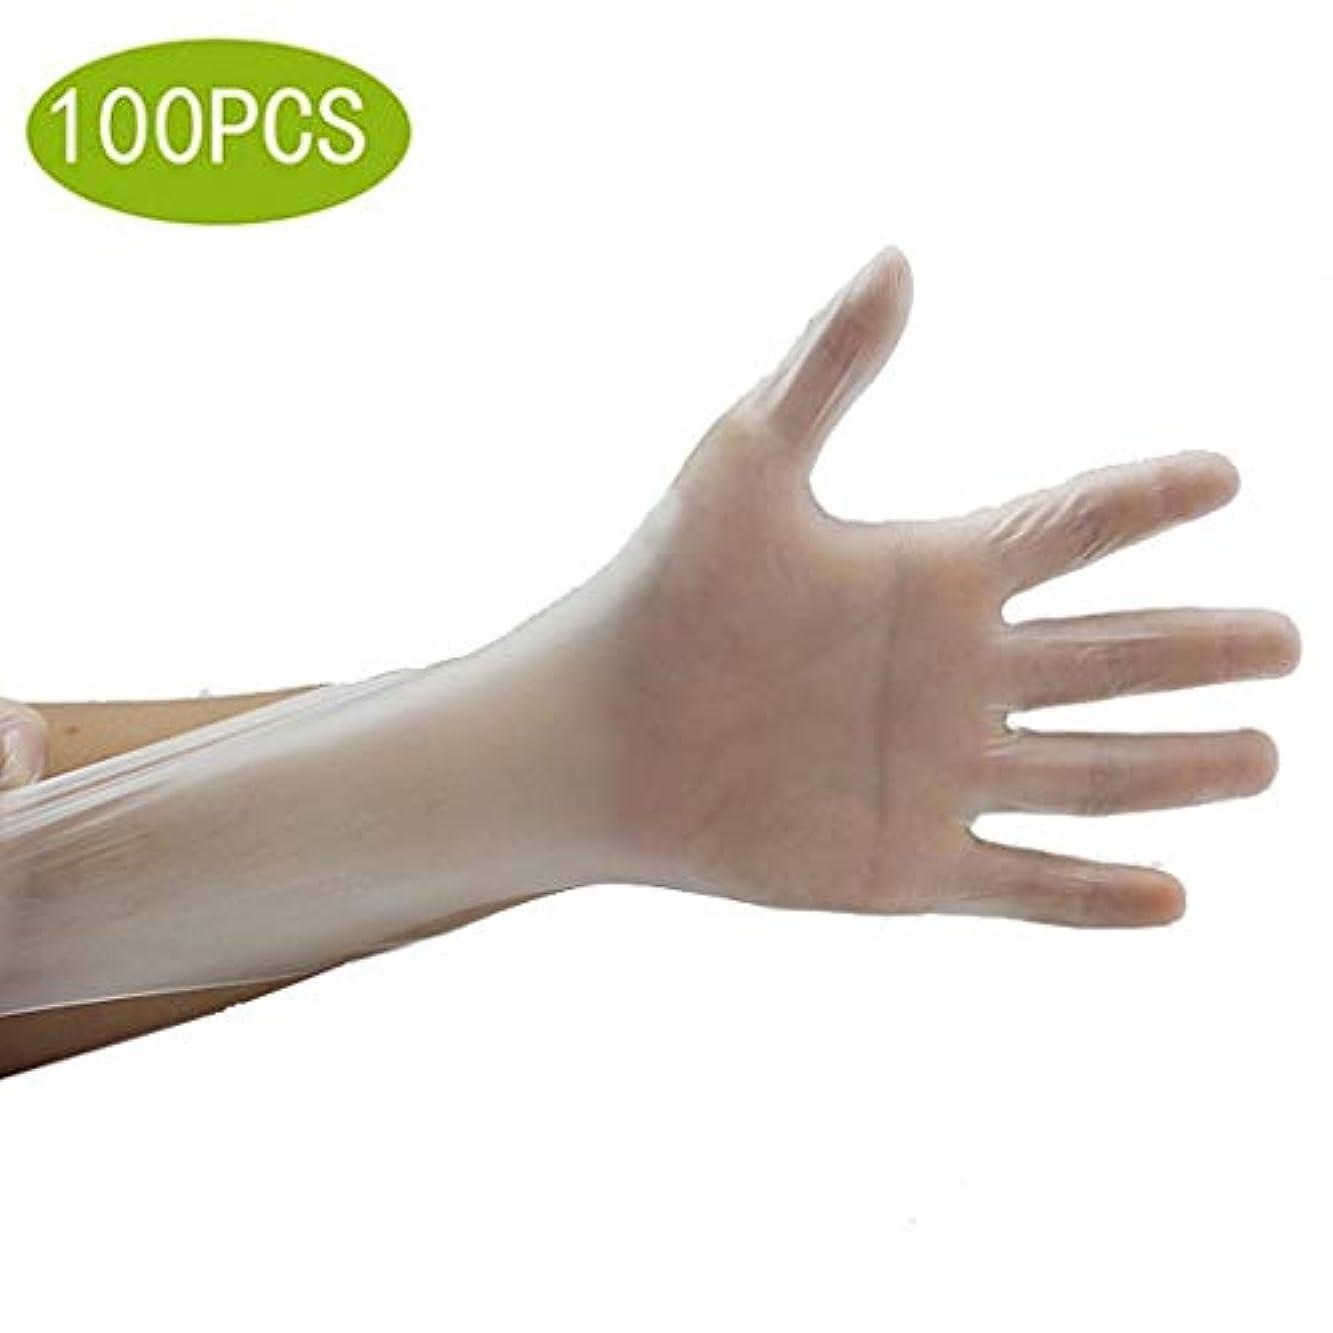 会議良心的グレートオーク使い捨てビニール手袋、無菌、パウダーフリー、スムースタッチ、フードサービスグレード、ミディアムサイズ[100パック] (Color : White)